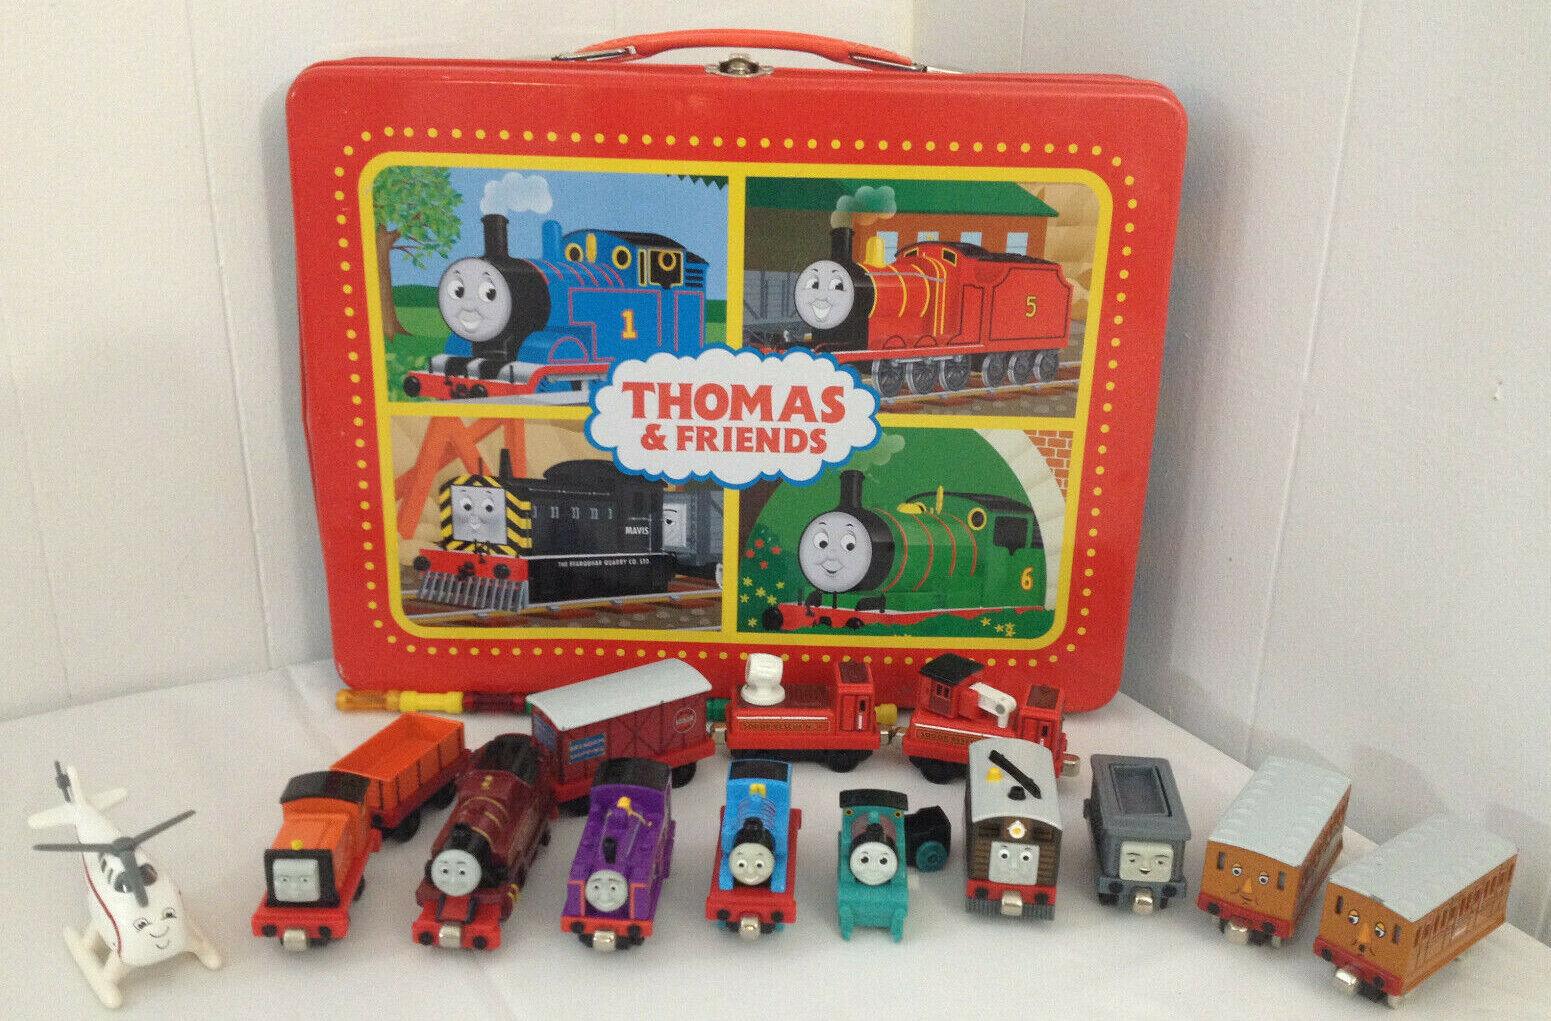 Thomas El Tren de Metal Estuche Lote con 13 diecast coches Magnético Thomas Harold +